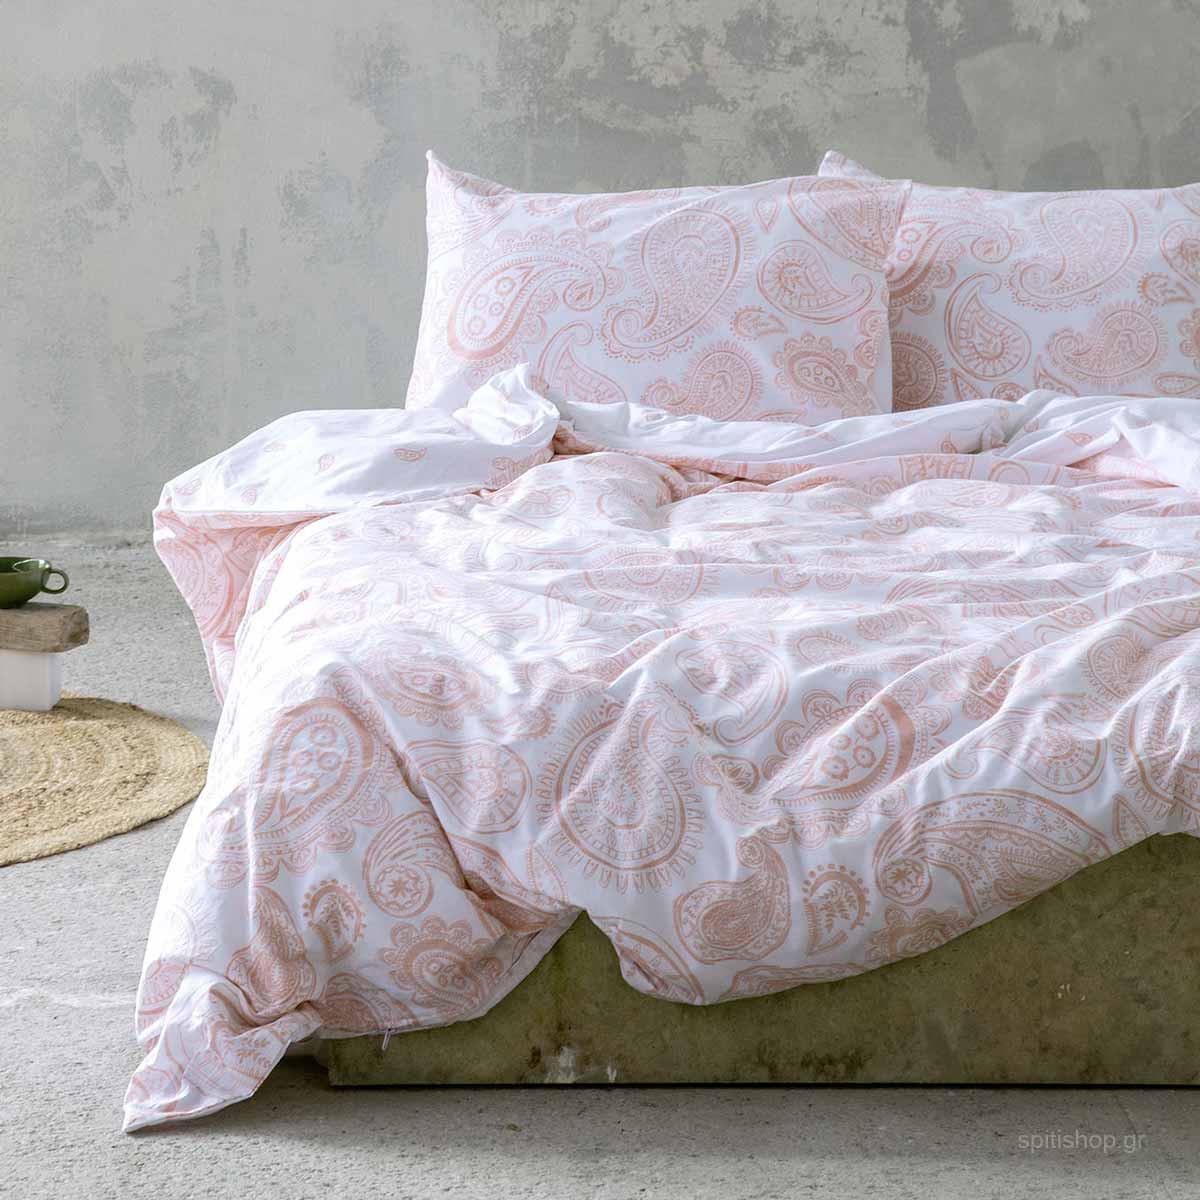 Σεντόνια Μονά (Σετ) Nima Bed Linen Aditti Pink ΧΩΡΙΣ ΛΑΣΤΙΧΟ ΧΩΡΙΣ ΛΑΣΤΙΧΟ